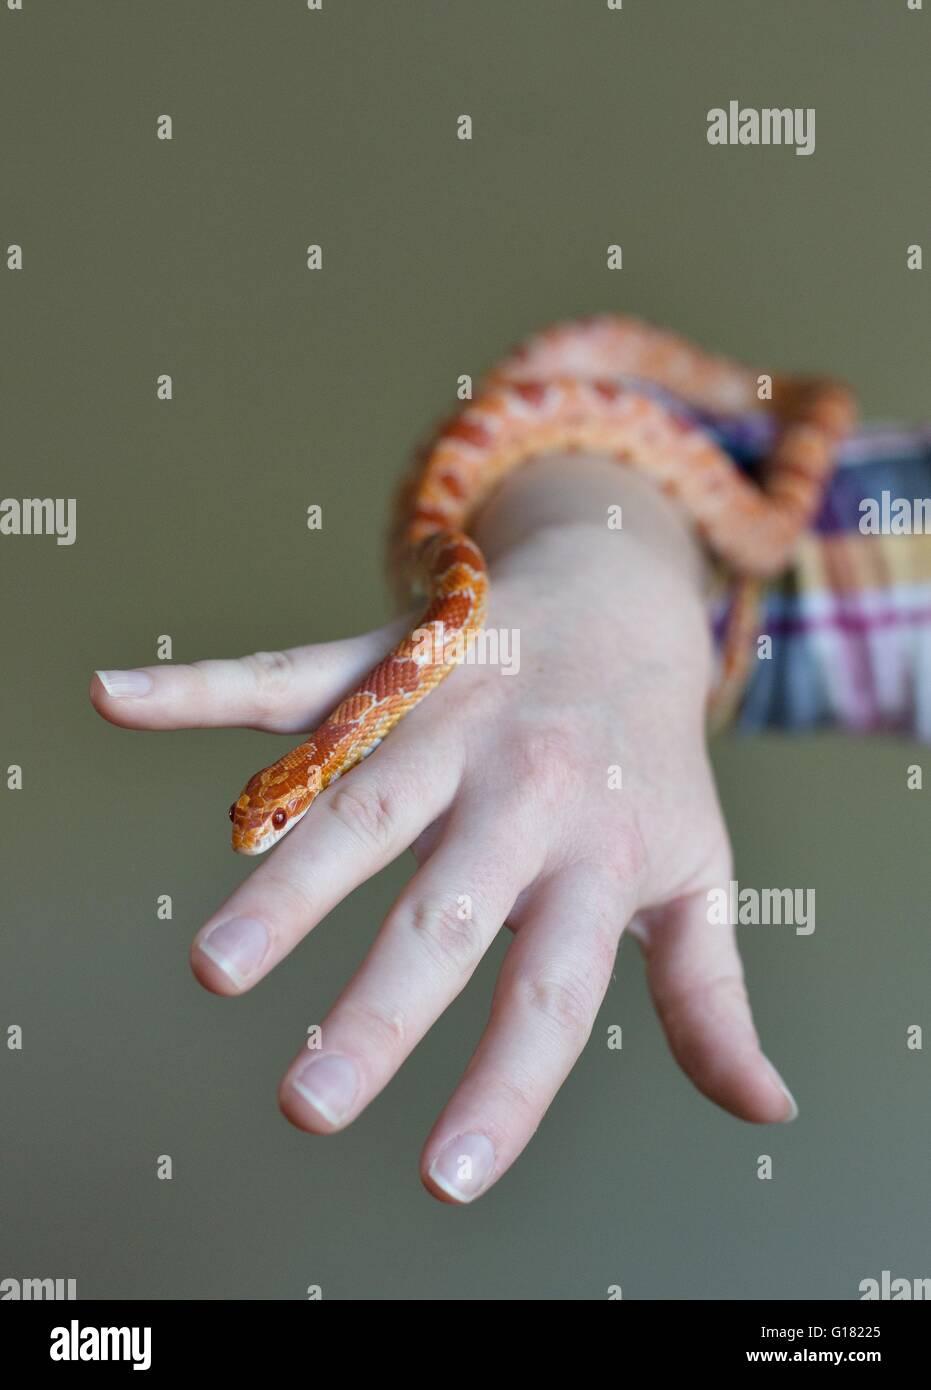 Una persona con una serpiente de maíz. Imagen De Stock